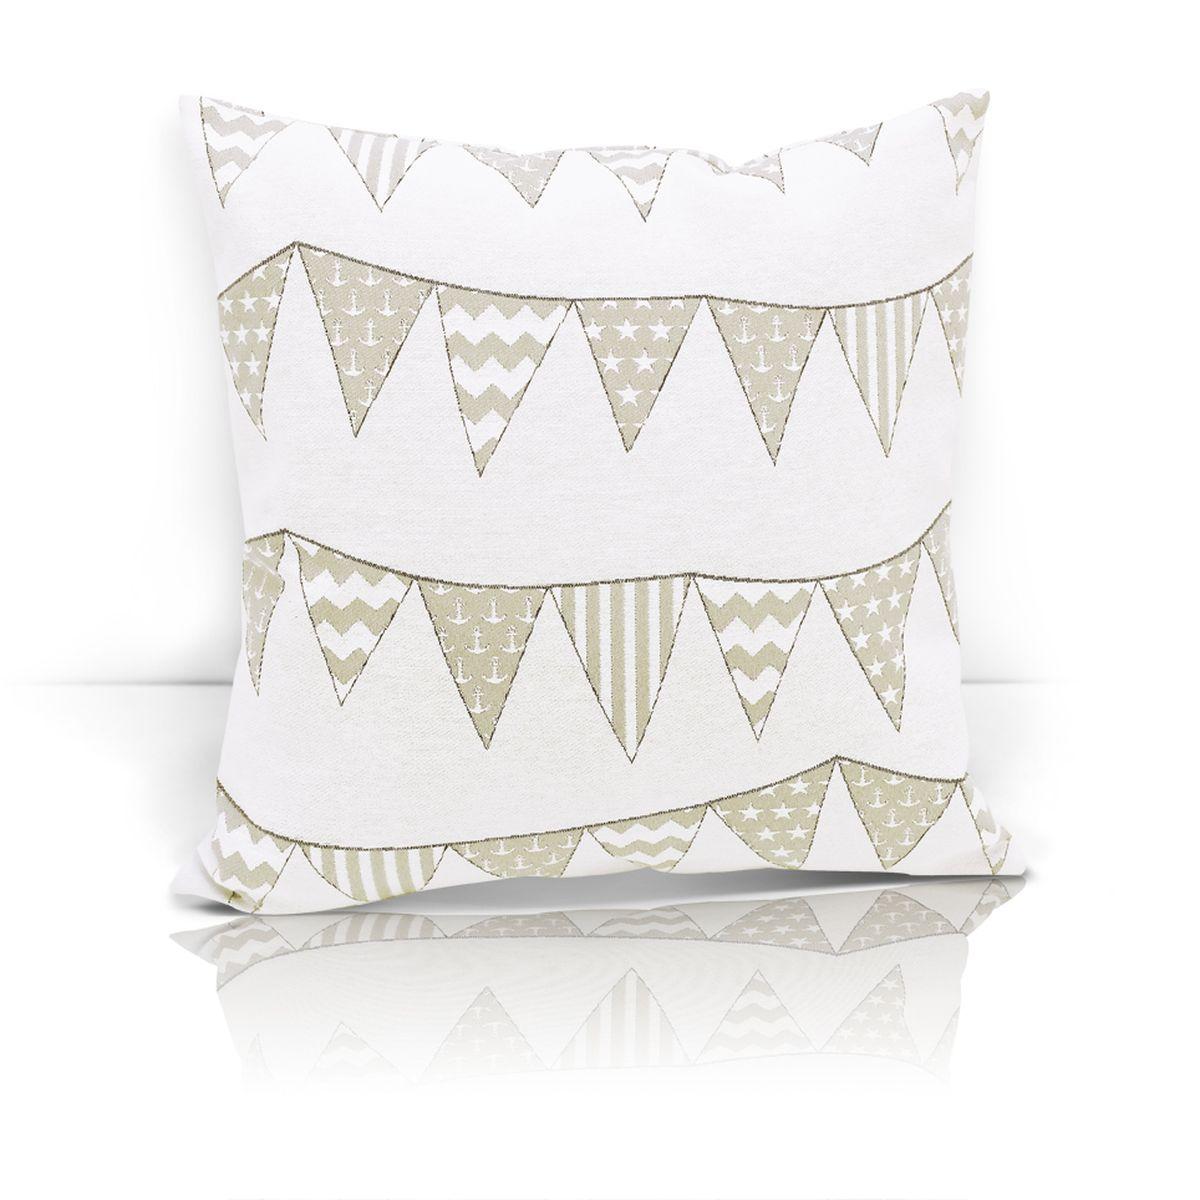 Подушка декоративная KauffOrt Холидэй, 40 x 40 смBW-4770Декоративная подушка Холидэй прекрасно дополнит интерьер спальни или гостиной. Чехол подушки выполнен из жаккардовой ткани. Внутри находится мягкий наполнитель. Чехол легко снимается благодаря потайной молнии.